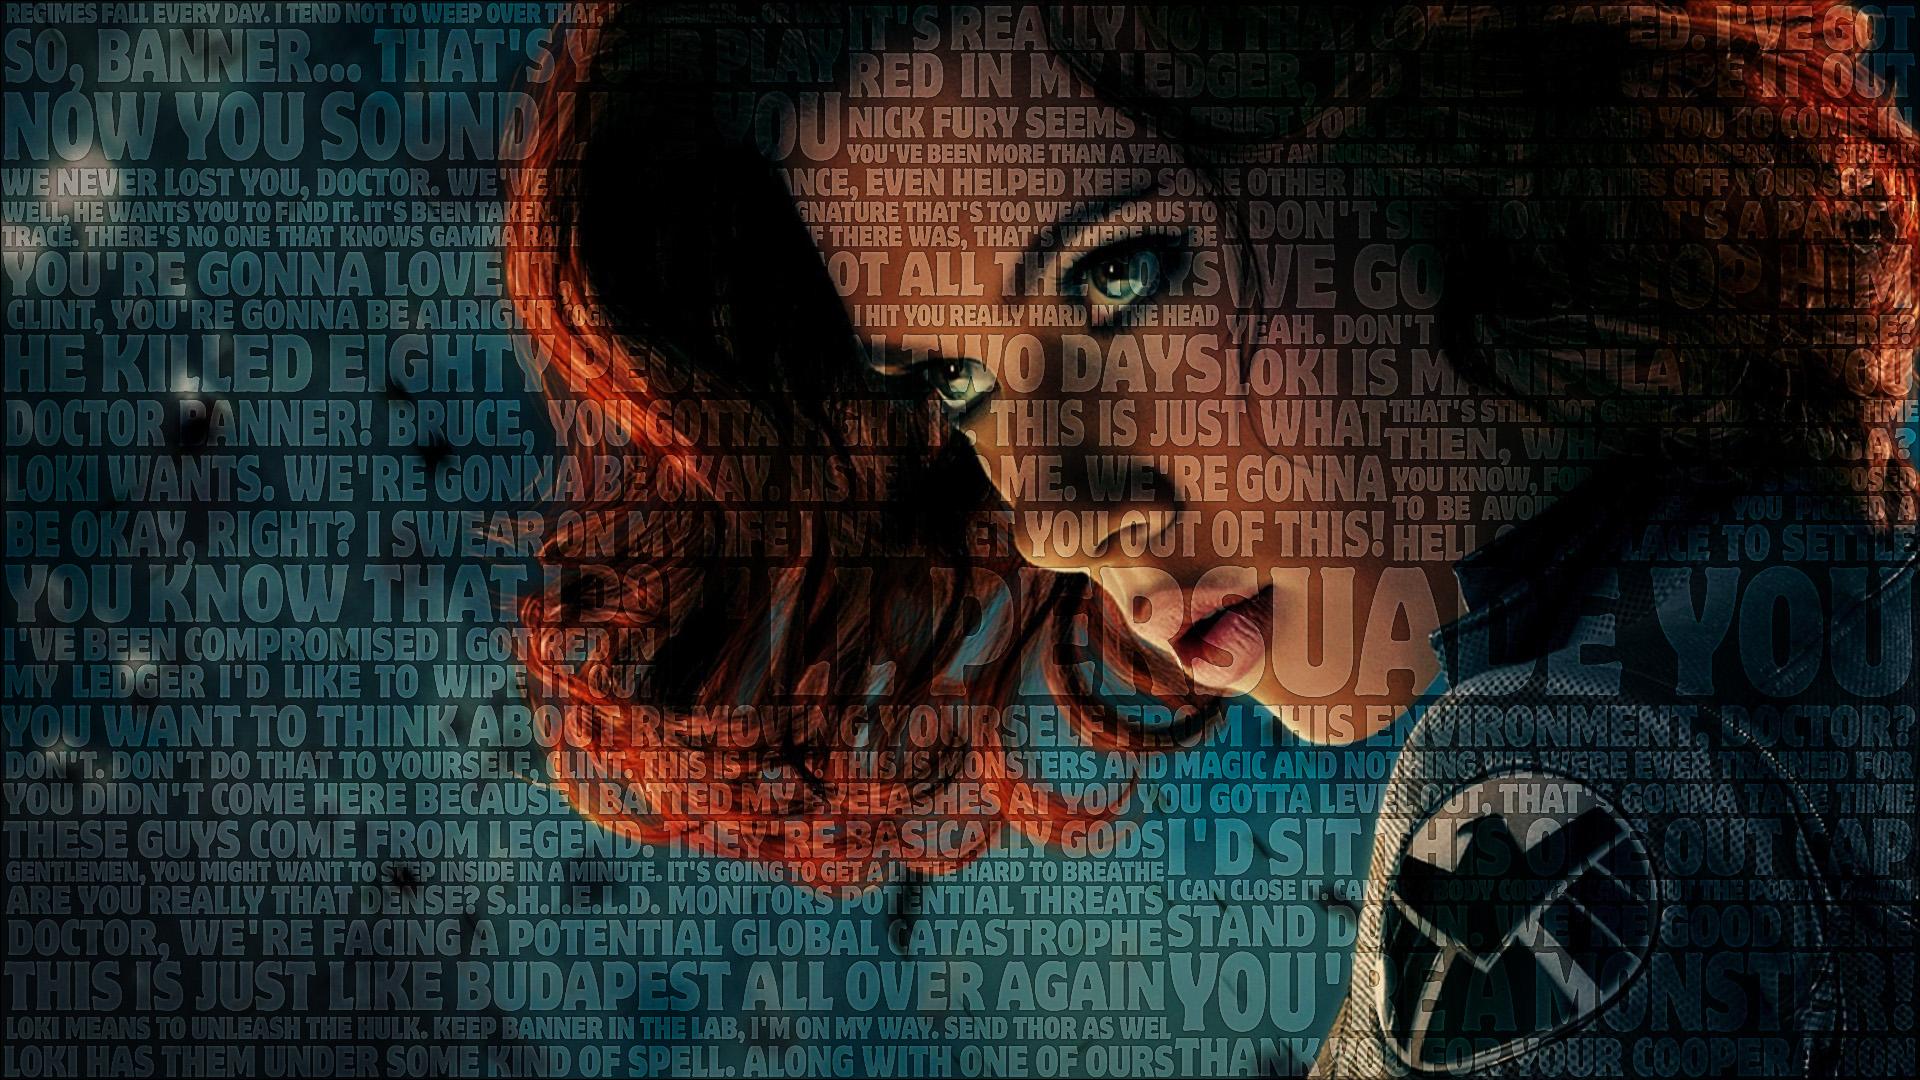 Black Widow Wallpaper - WallpaperSafari